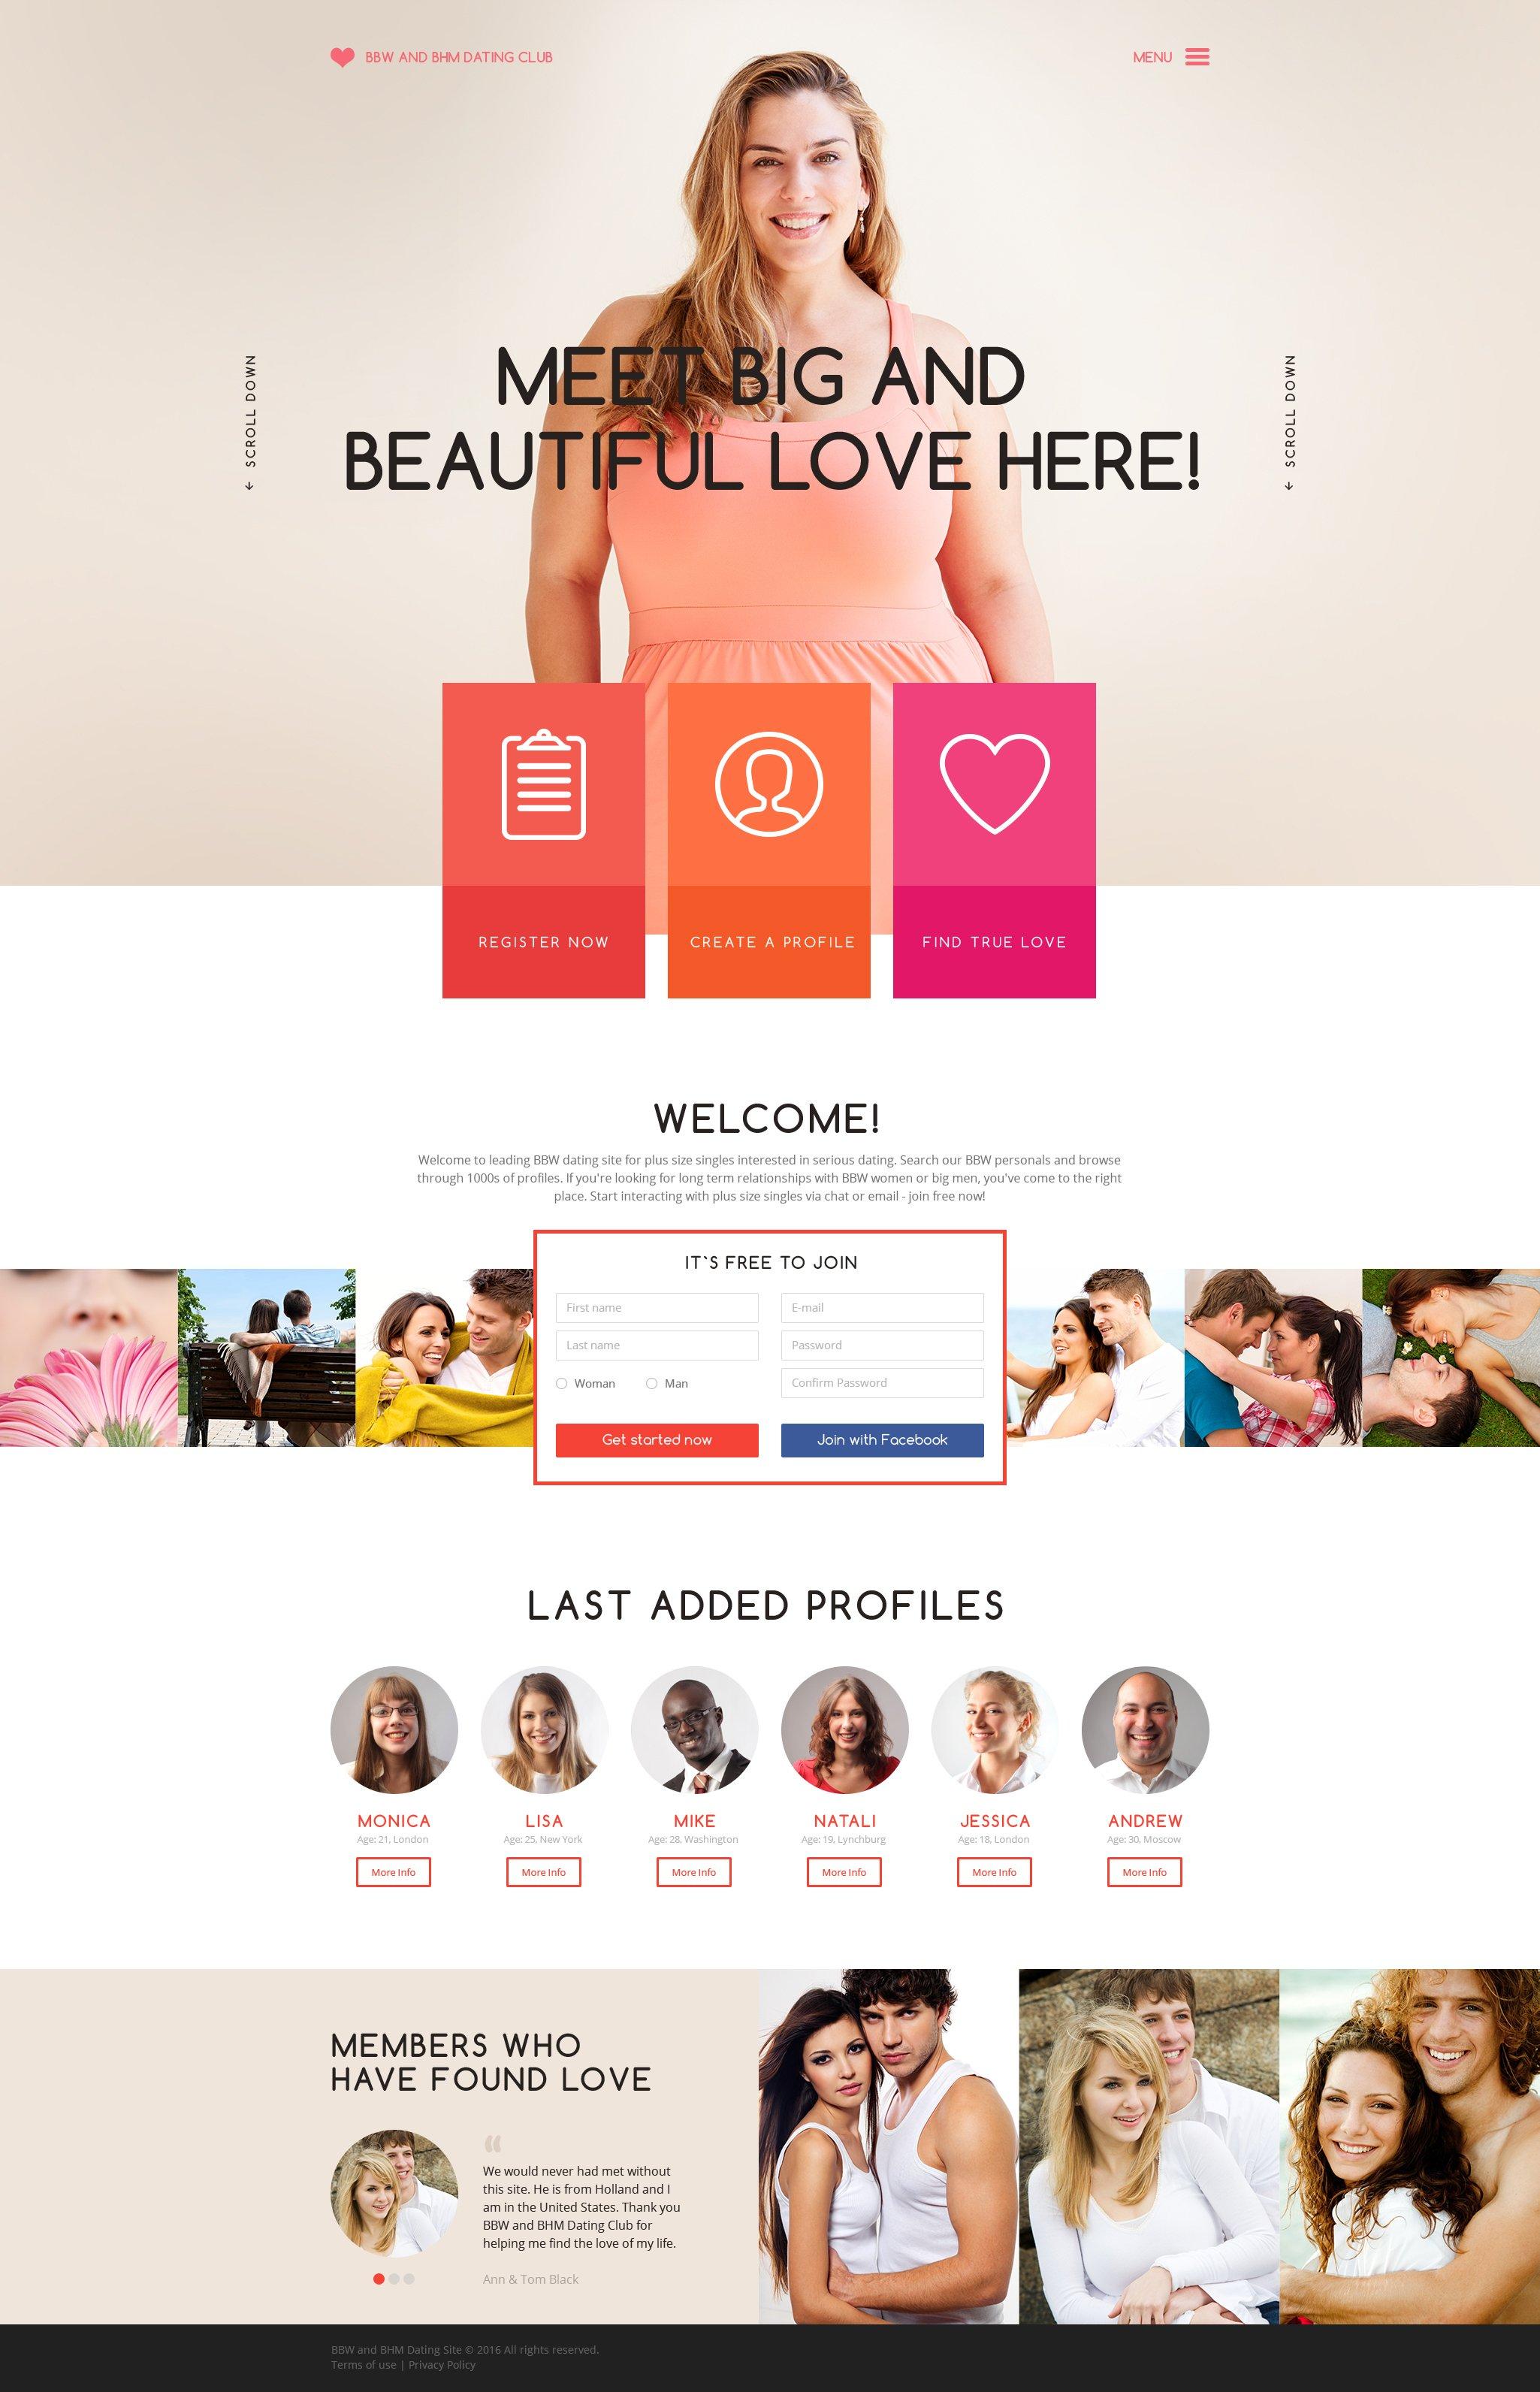 legjobb online intro email társkereső 100 ingyenes randevú-oldal az Egyesült Államok gazdálkodói számára